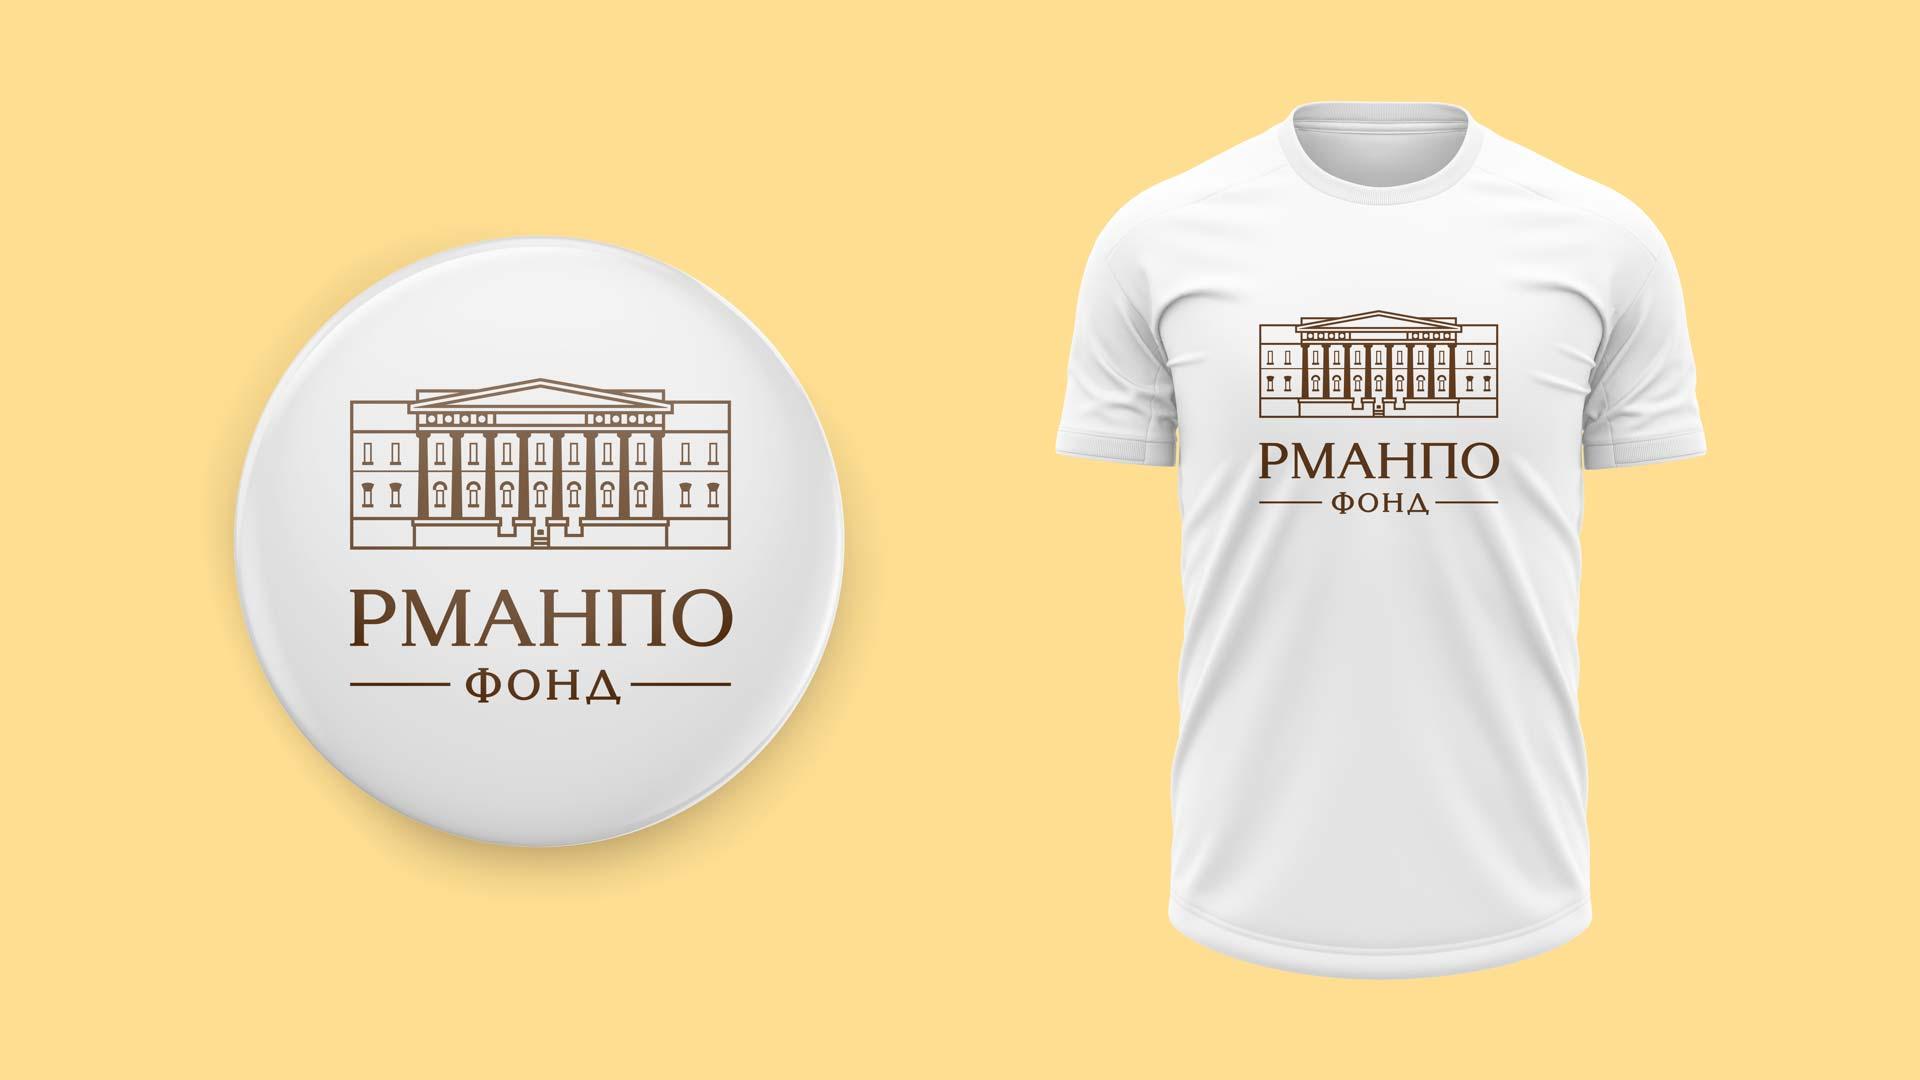 Разработка логотипа РМАНПО ФОНД - майка и значок